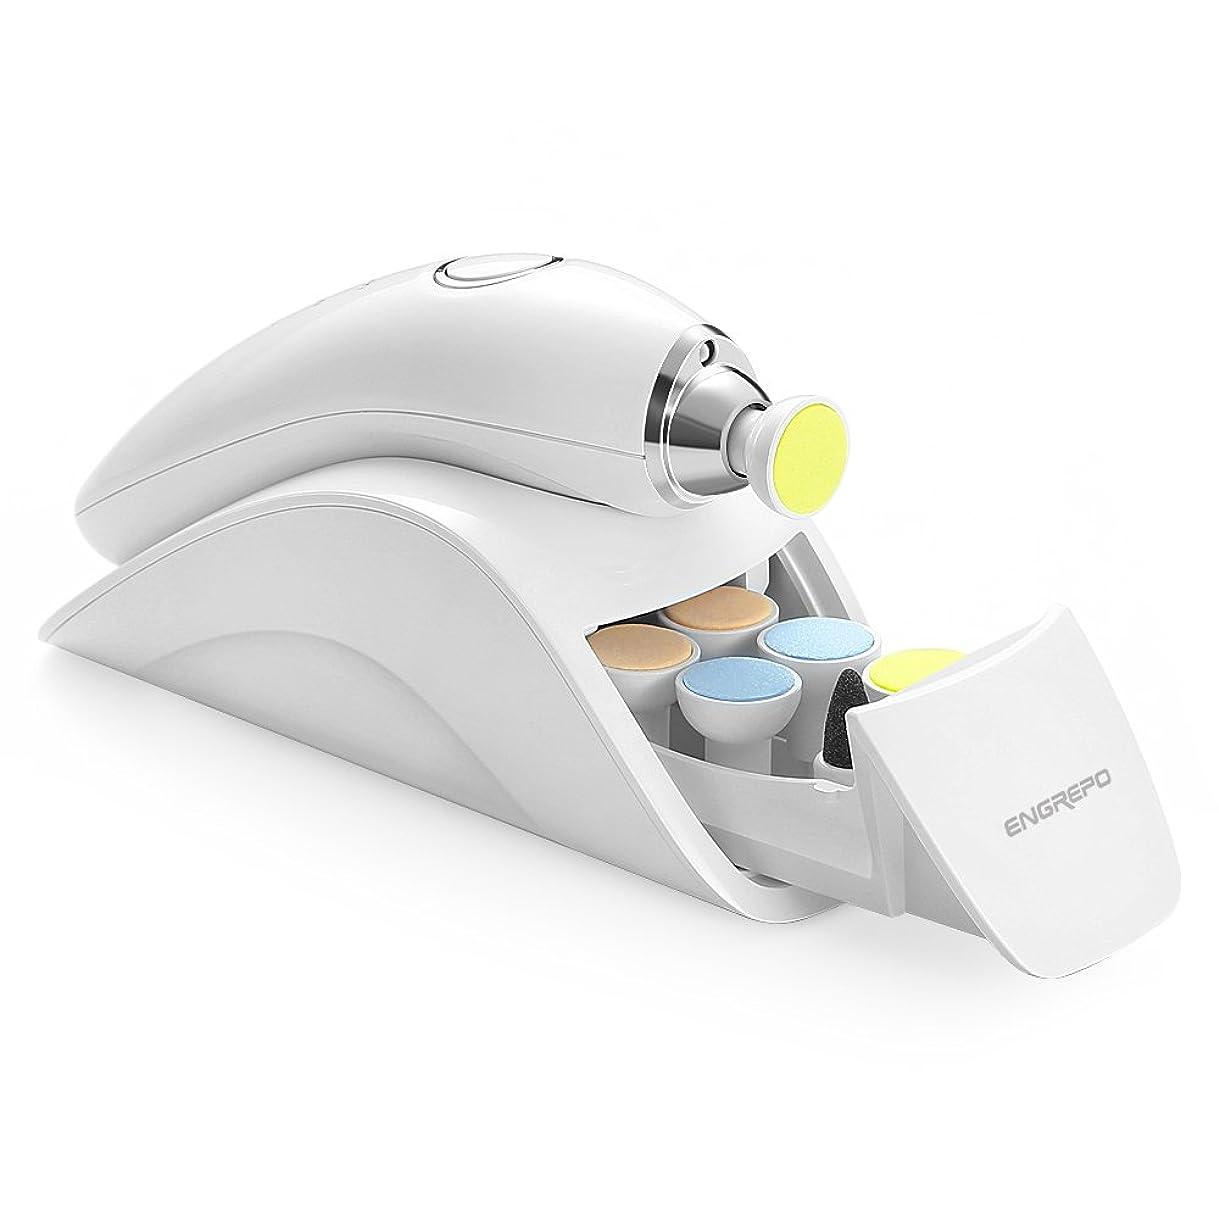 地中海自動的に干ばつENGREPO ベビーレーベル ネイルケアセット レーベル ホワイト(新生児~対象) ママにも使えるネイルケア(4種類の磨きヘッド、超低デシベル、3速ギア、LEDフィルインライト)円弧充電ベース隠し収納ボックス付き